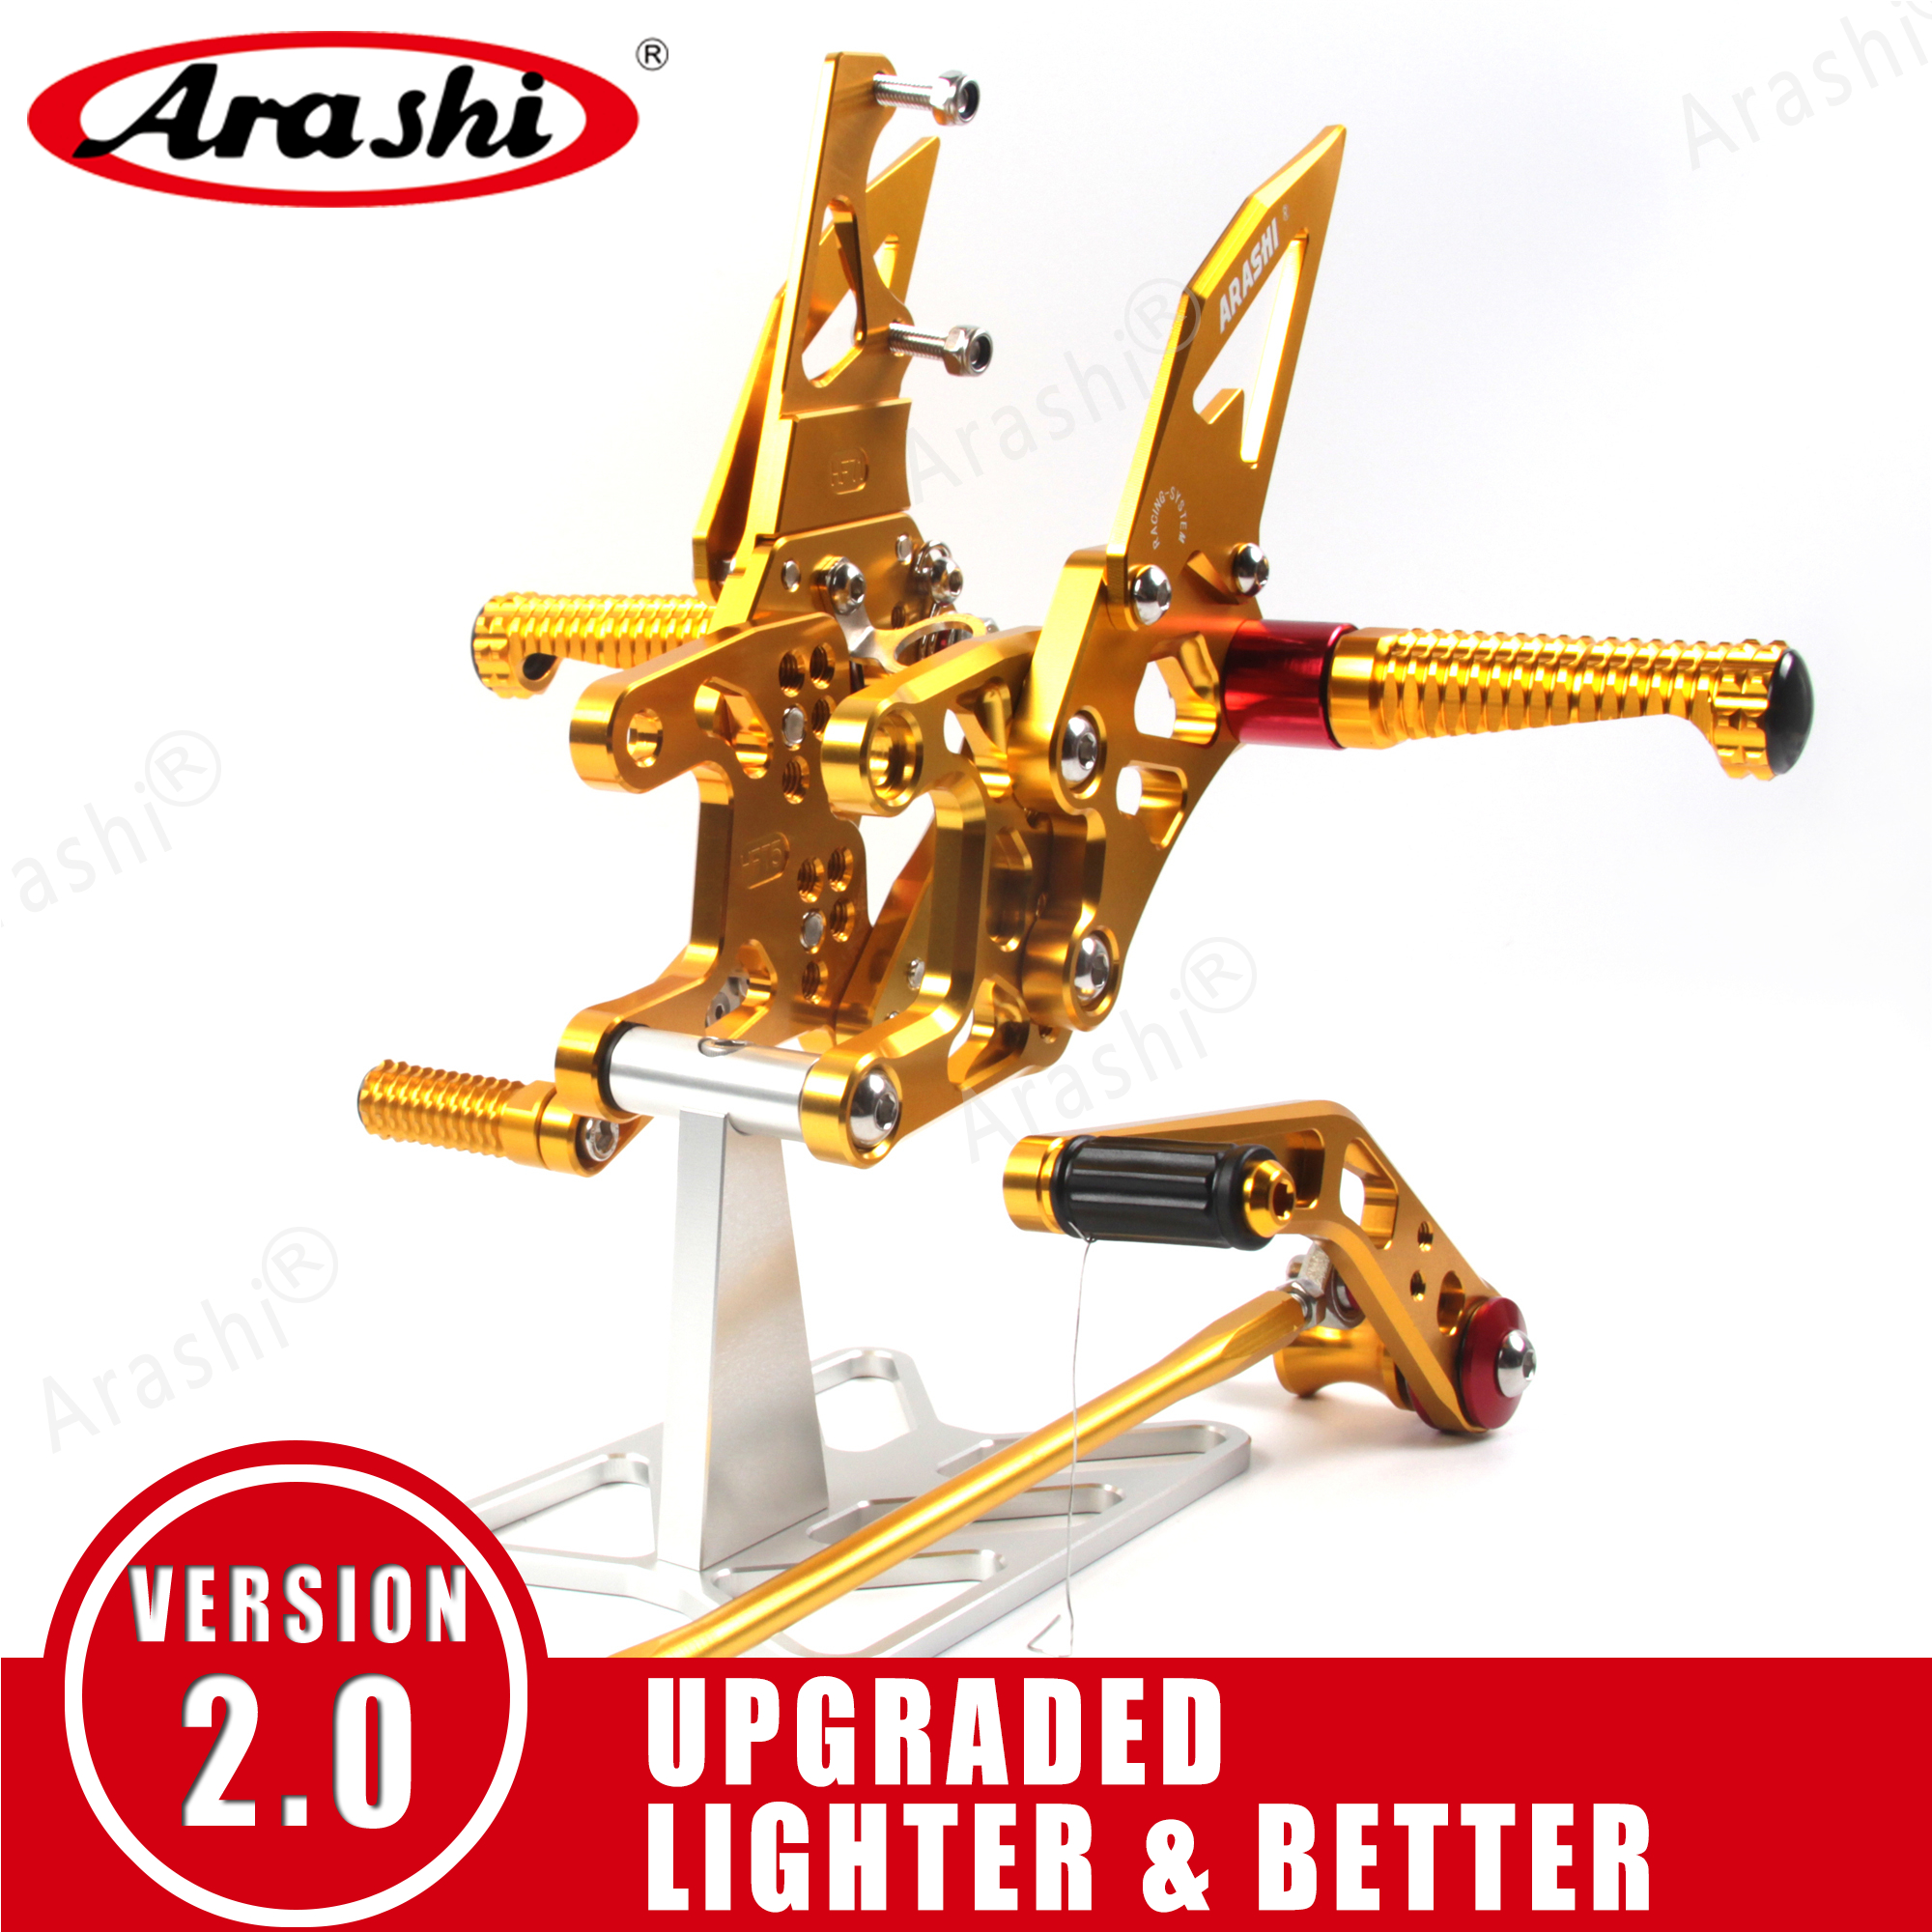 Arashi For HONDA CBR1000RR 2004 - 2017 CNC Adjustable Footrest Rearsets  Foot Peg CBR1000 CBR 1000 RR 2012 2013 2014 2015 2016